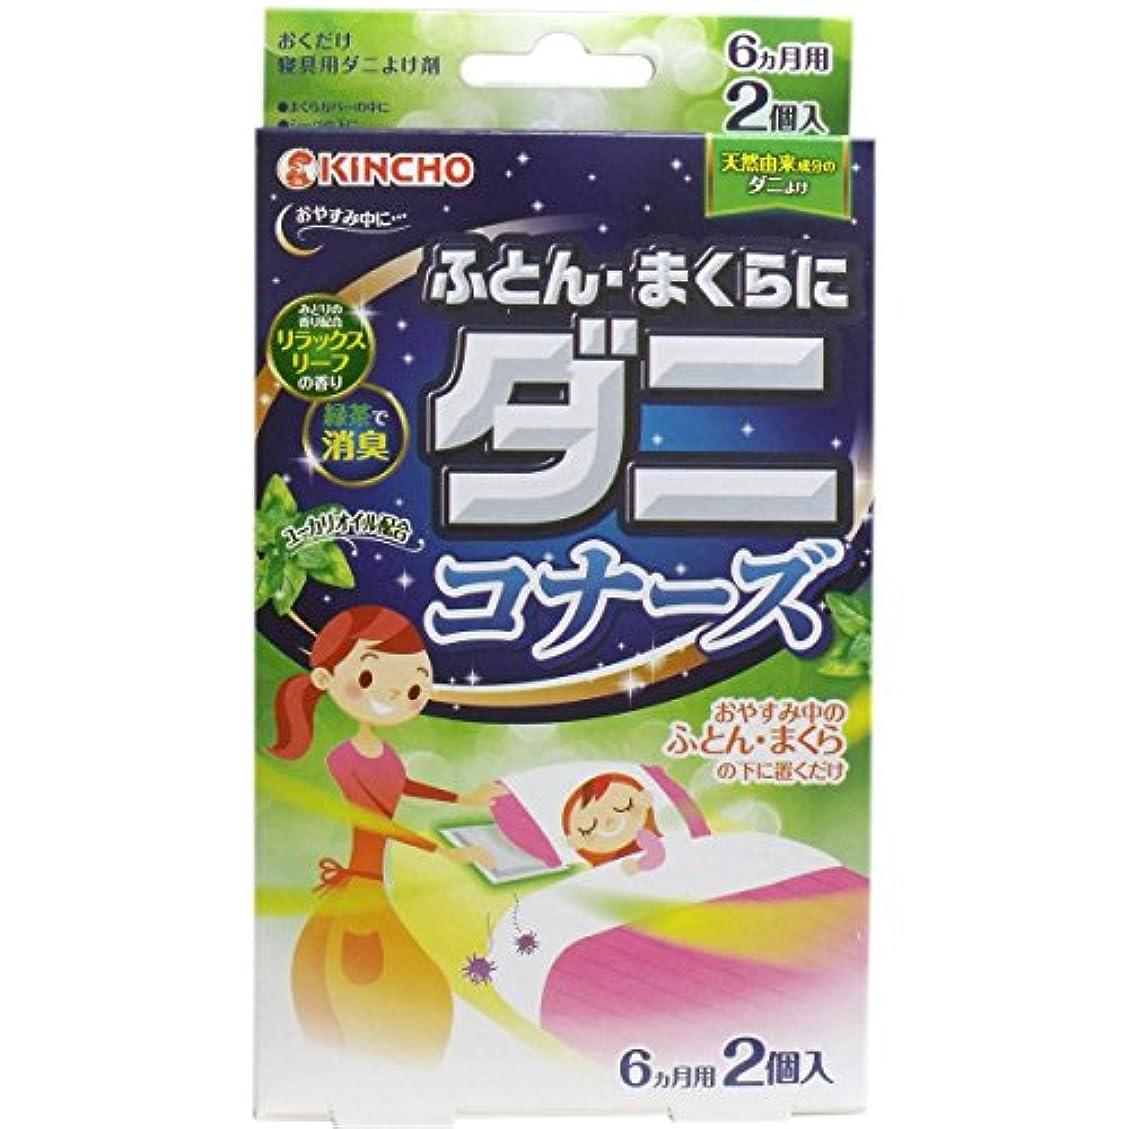 【大日本除虫菊】ふとん?まくらにダニコナーズ リラックスリーフの香り 2個入 ×20個セット